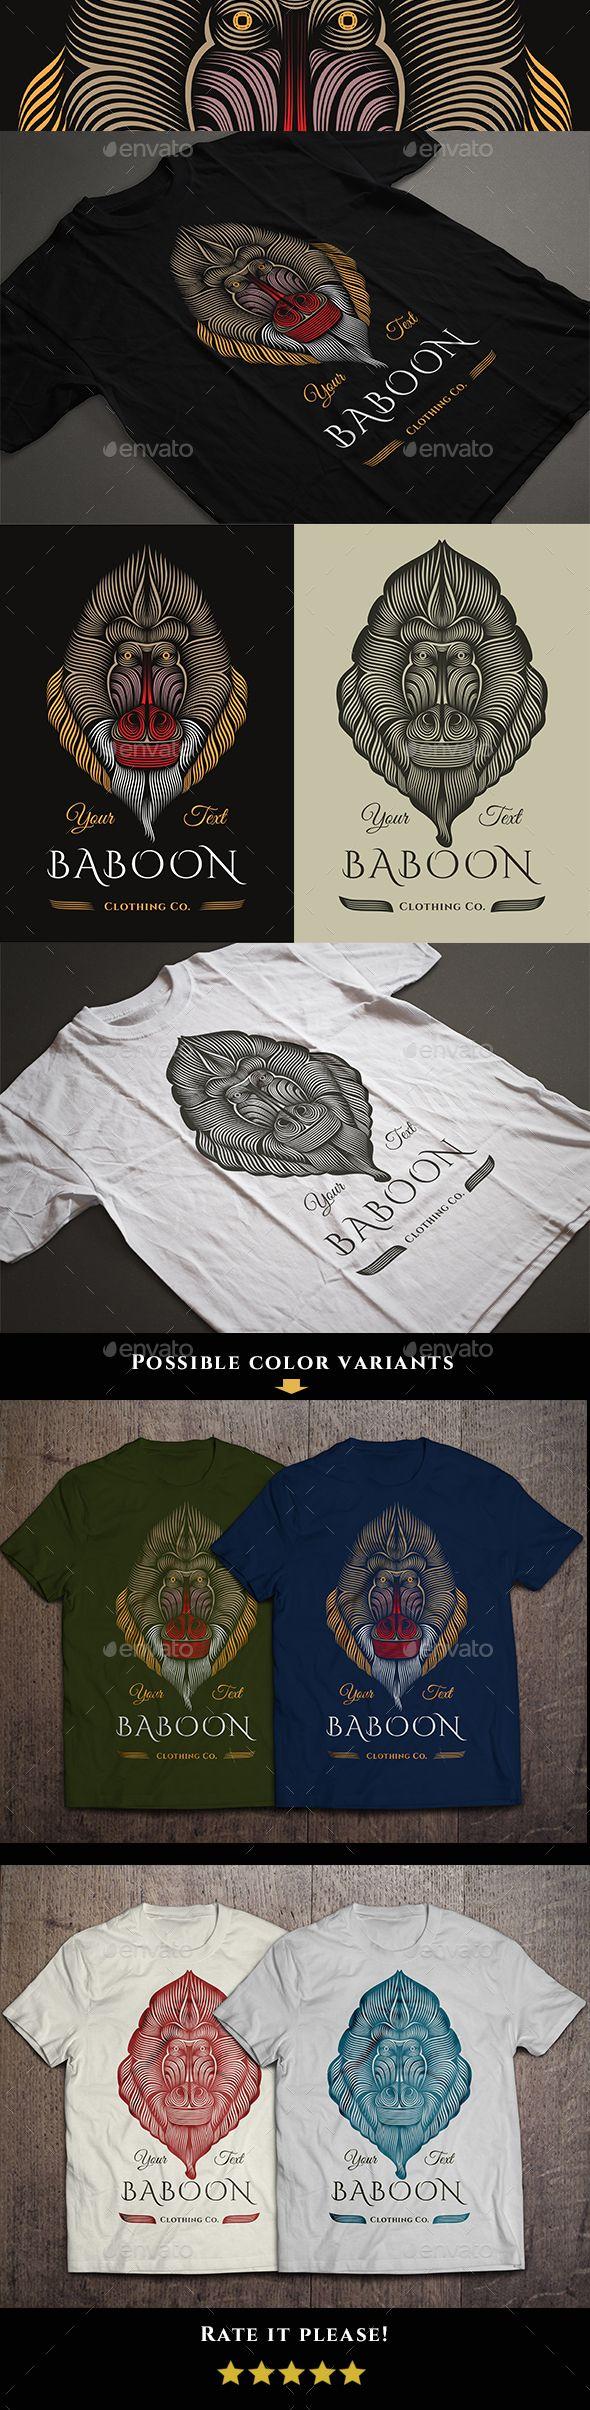 T shirt design using coreldraw - Baboon T Shirt Design